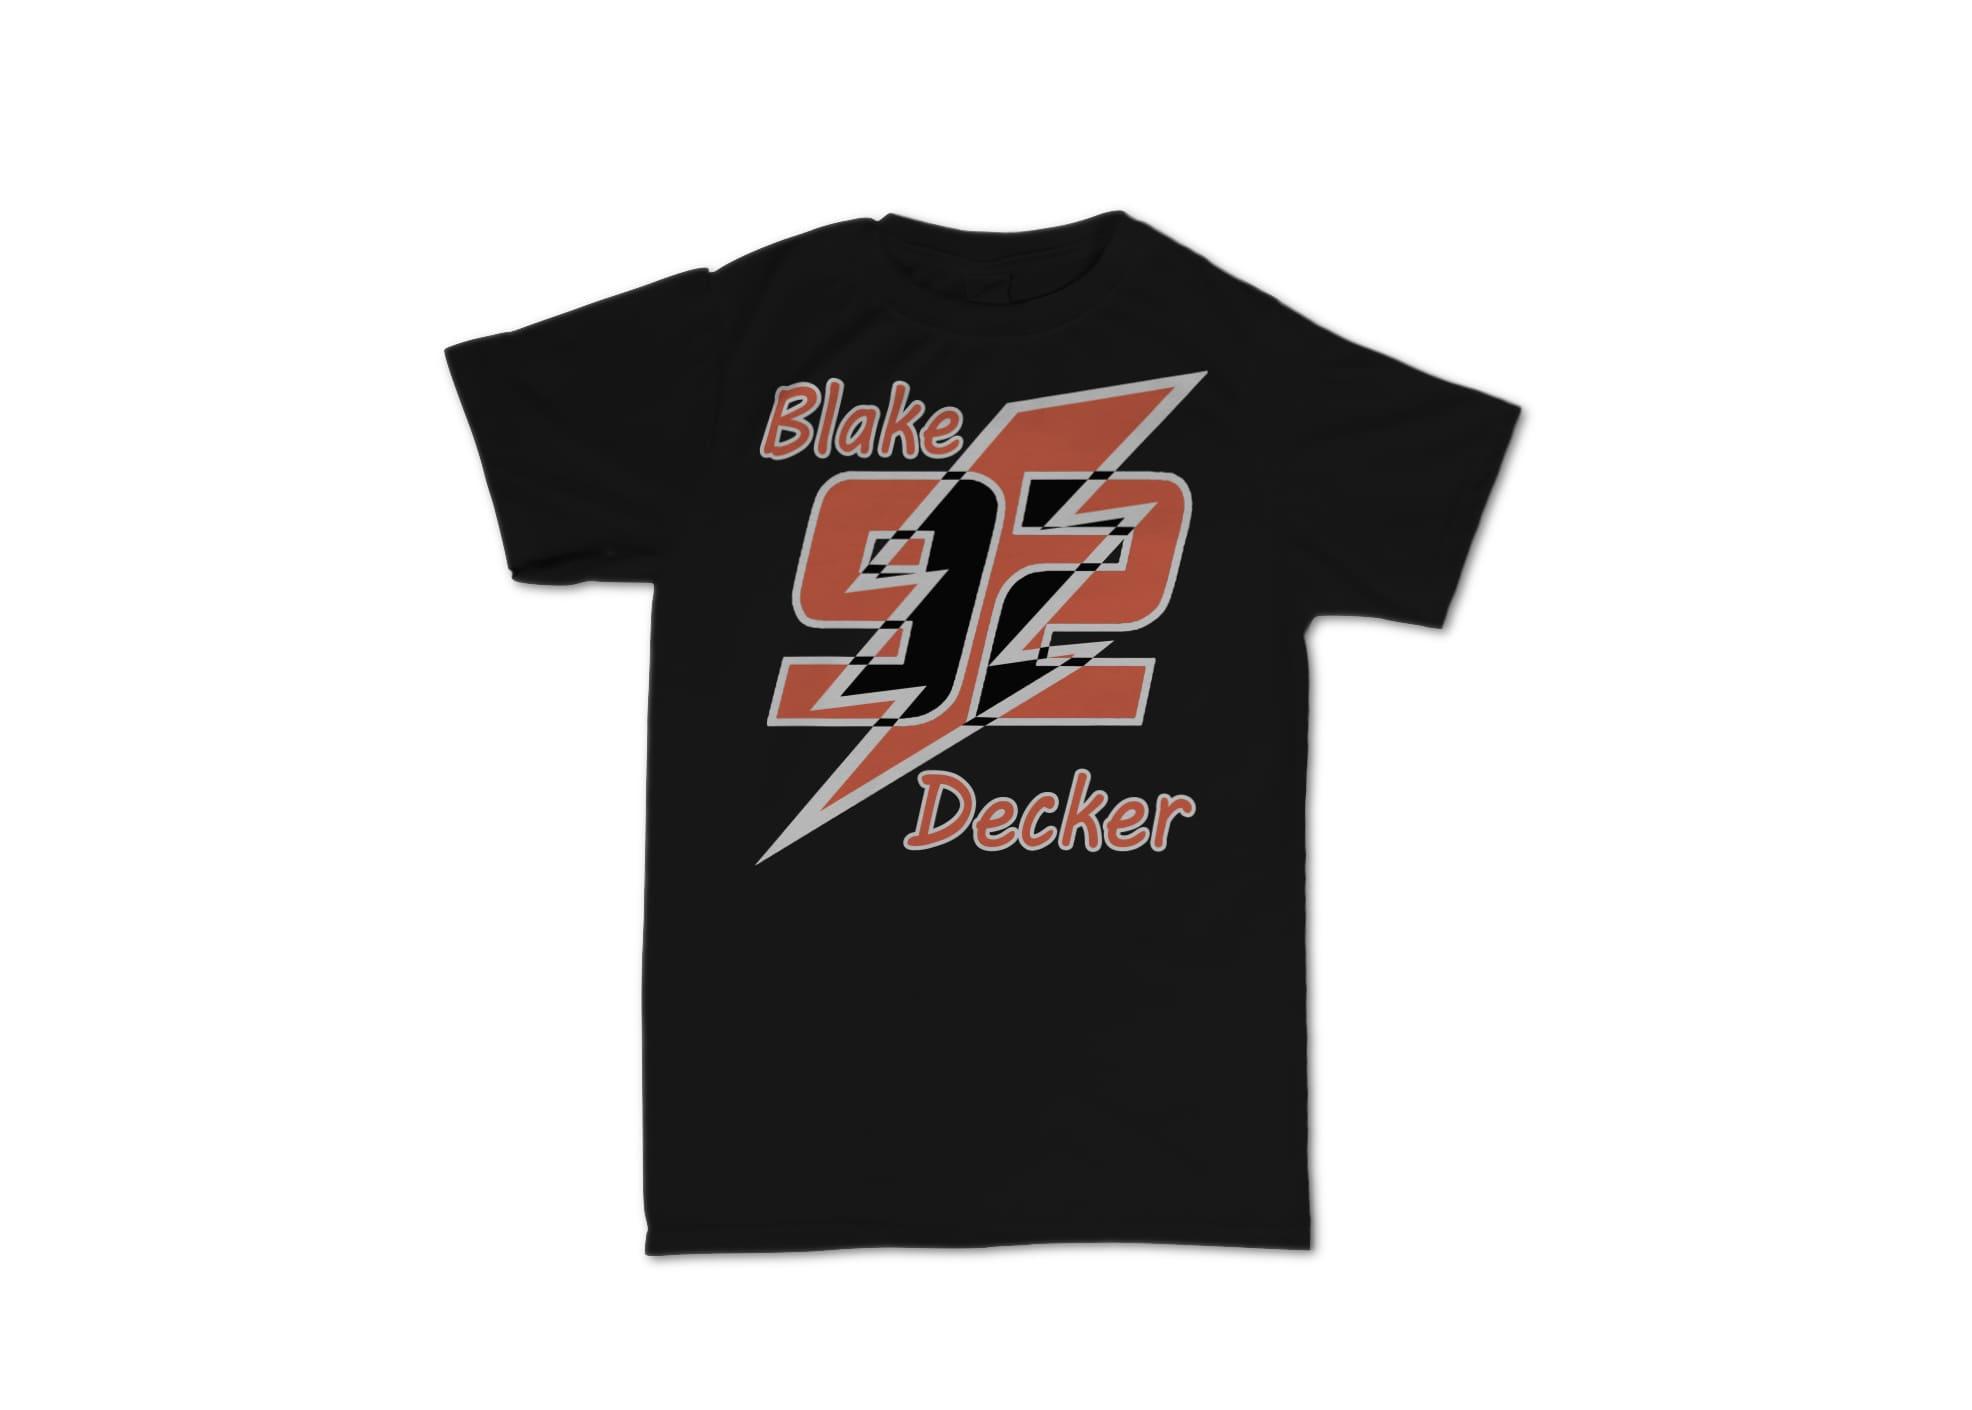 Blake decker black 92 1594837489